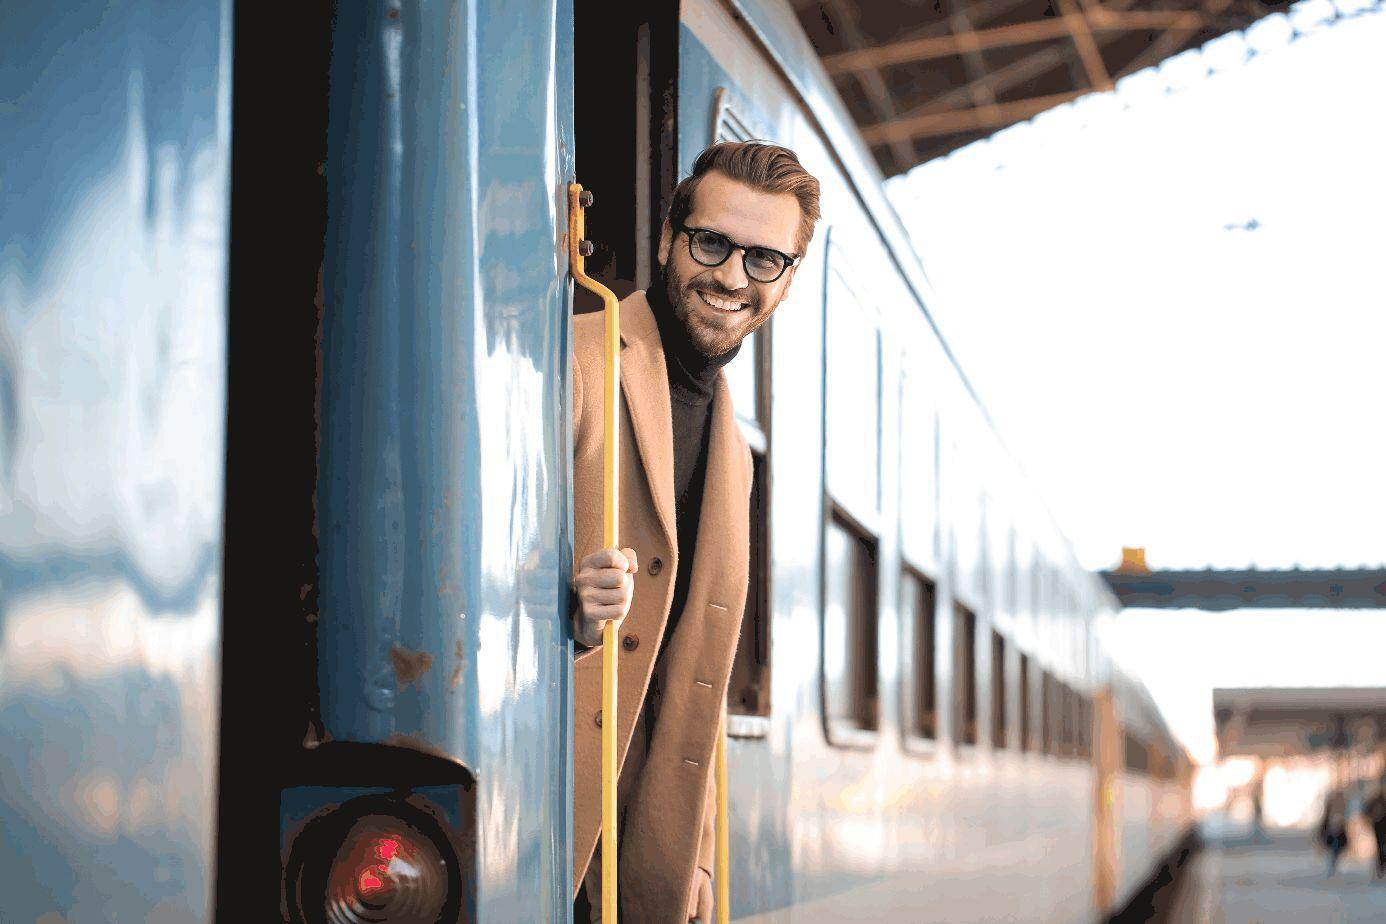 Mann schaut lächelnd aus stehendem Zug